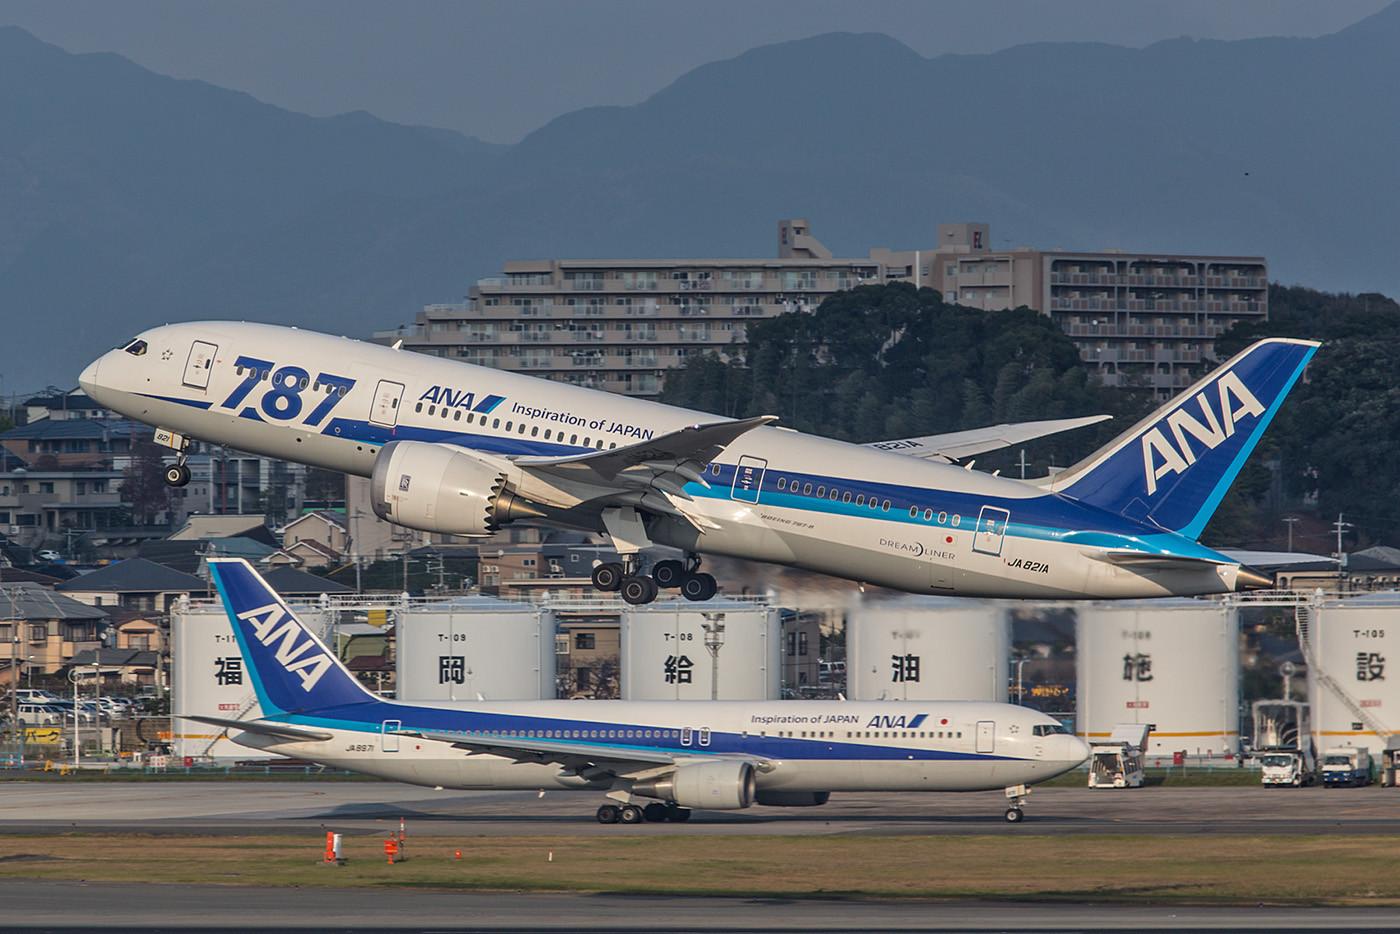 Noch immer ist ANA größter Betreiber des Dreamliner, hier eine Boeing 787-8. Im Hintergrund eine Boeing 767-300.